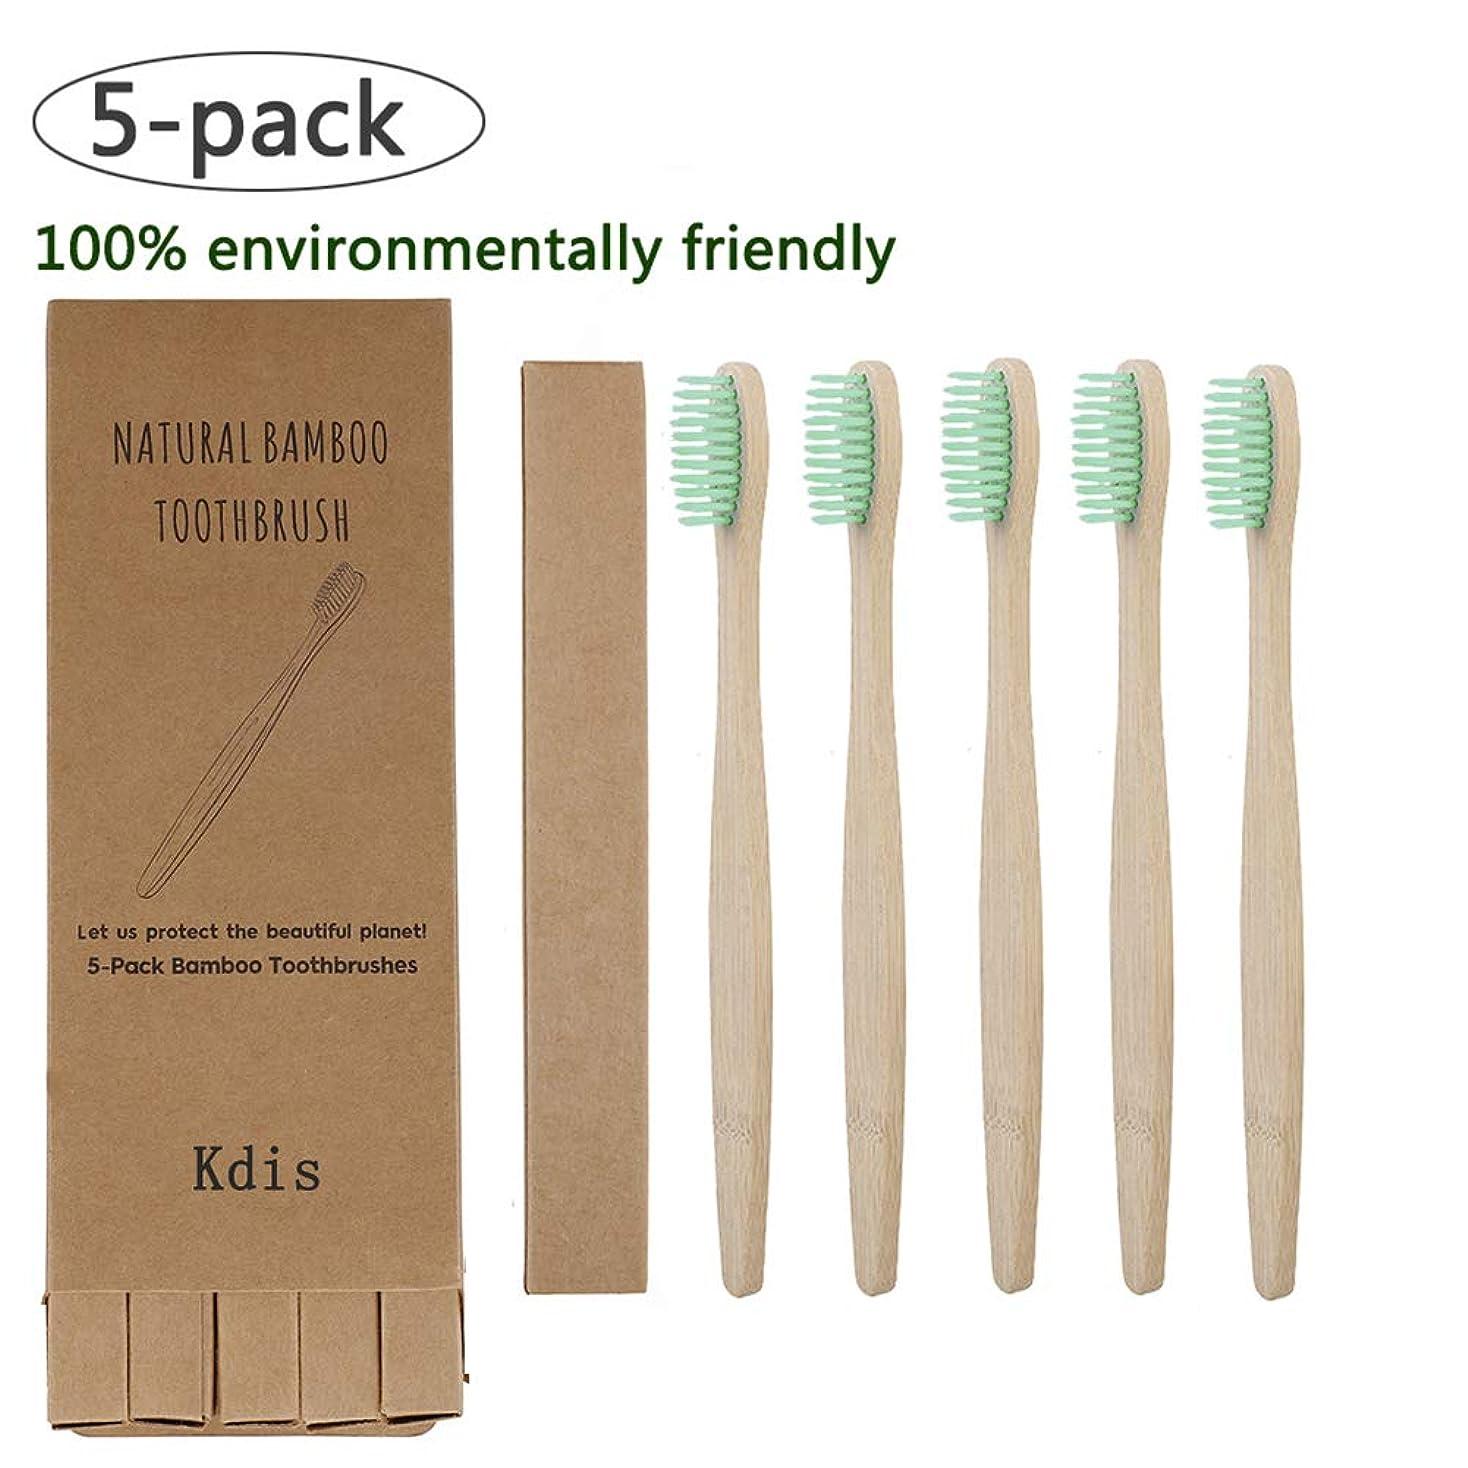 象支配する高尚なDoo 5本竹歯ブラシ 子ども用ハブラシ 環境にやさしい 柔らかい剛毛 スリム 竹歯ブラシ シンプル 携帯用 旅行用 出張用 こども用 口腔ケア